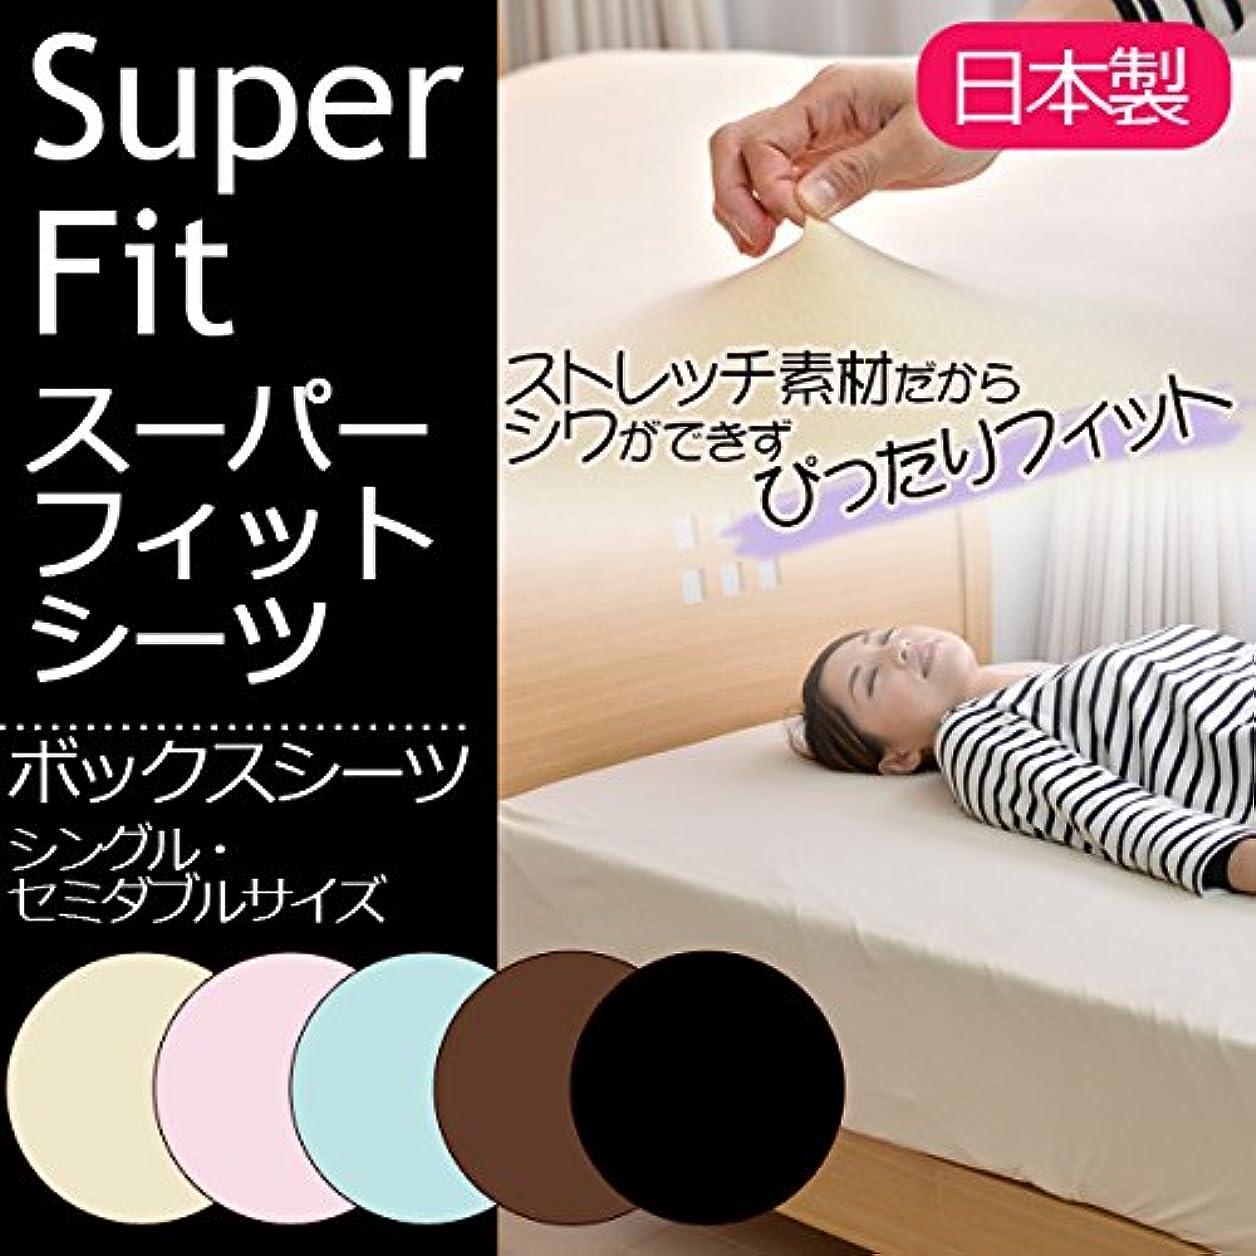 アイドルエンドテーブル腕スーパーフィットシーツ ボックス(ベッド用)MFサイズ シングル?セミダブル* (ピンク)